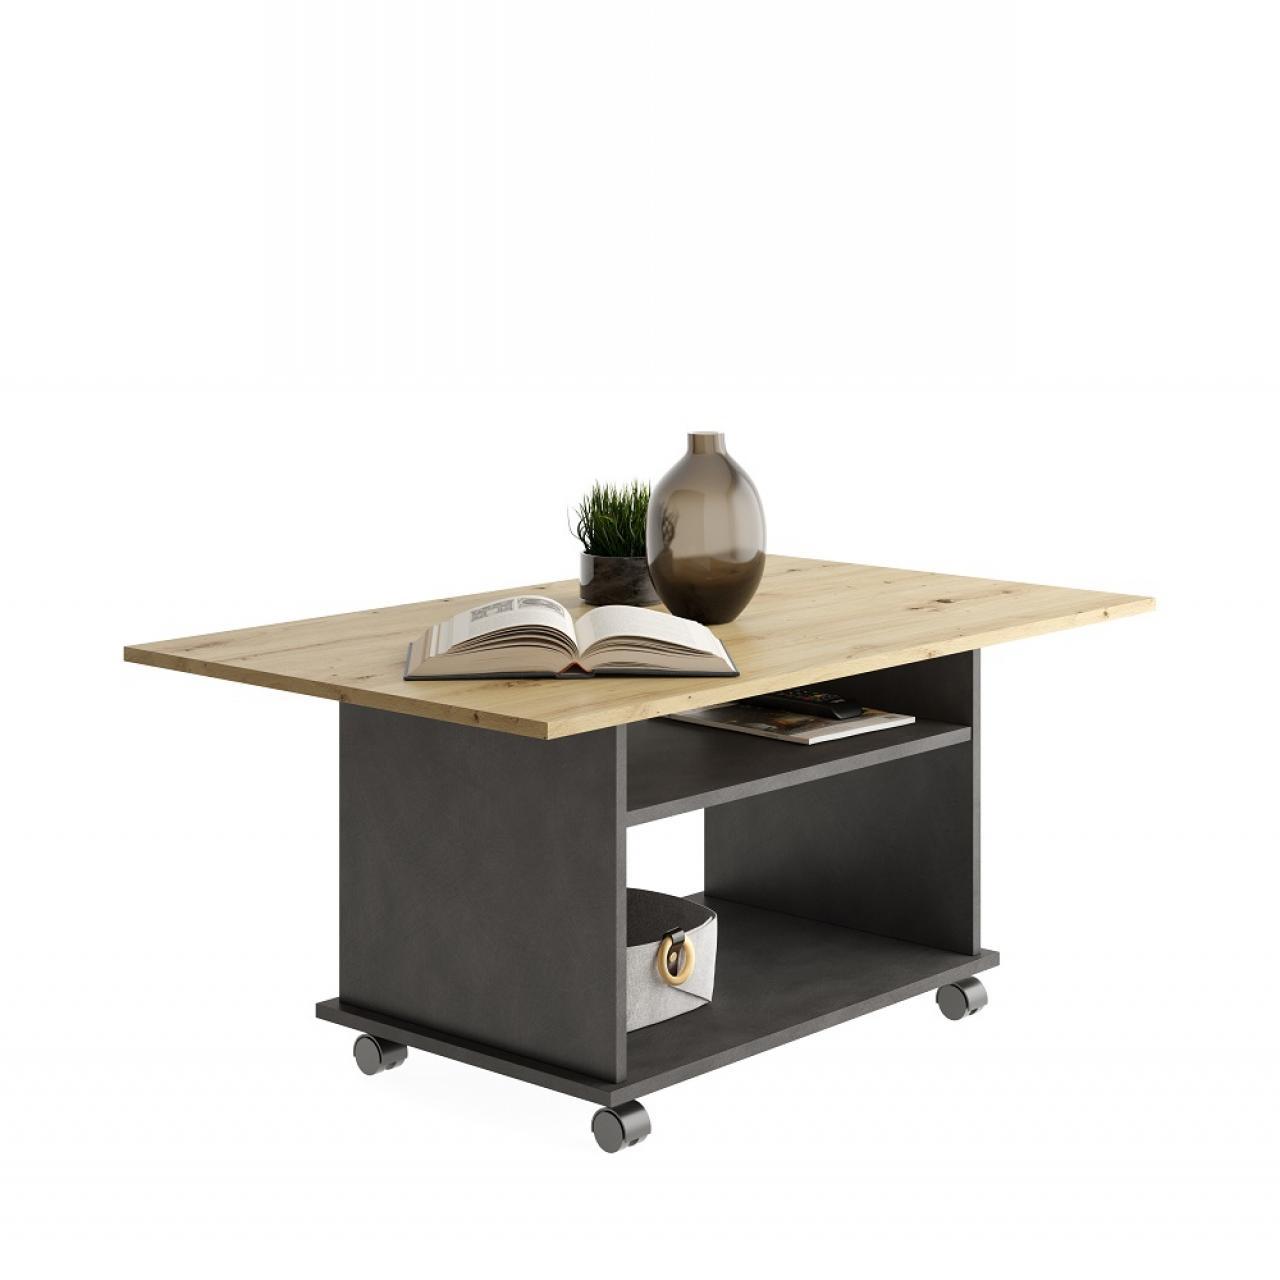 Couchtisch Azur 662-001 Matera Artisan Oak Mit Rollen Stubentisch Tisch Beistelltisch